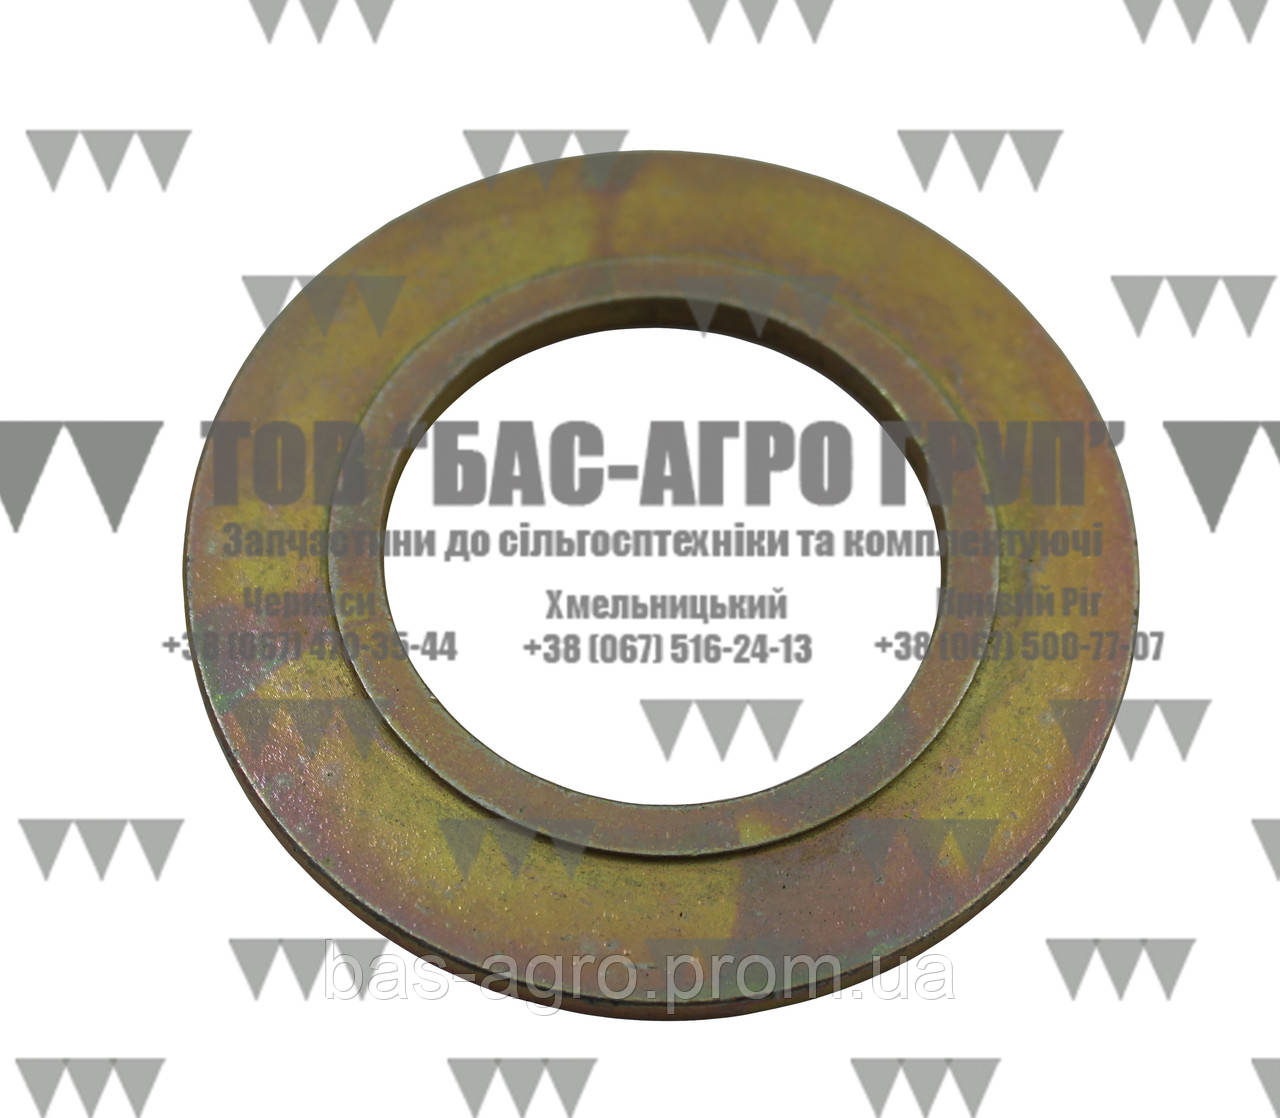 Шайба AC820249 Kverneland оригинал